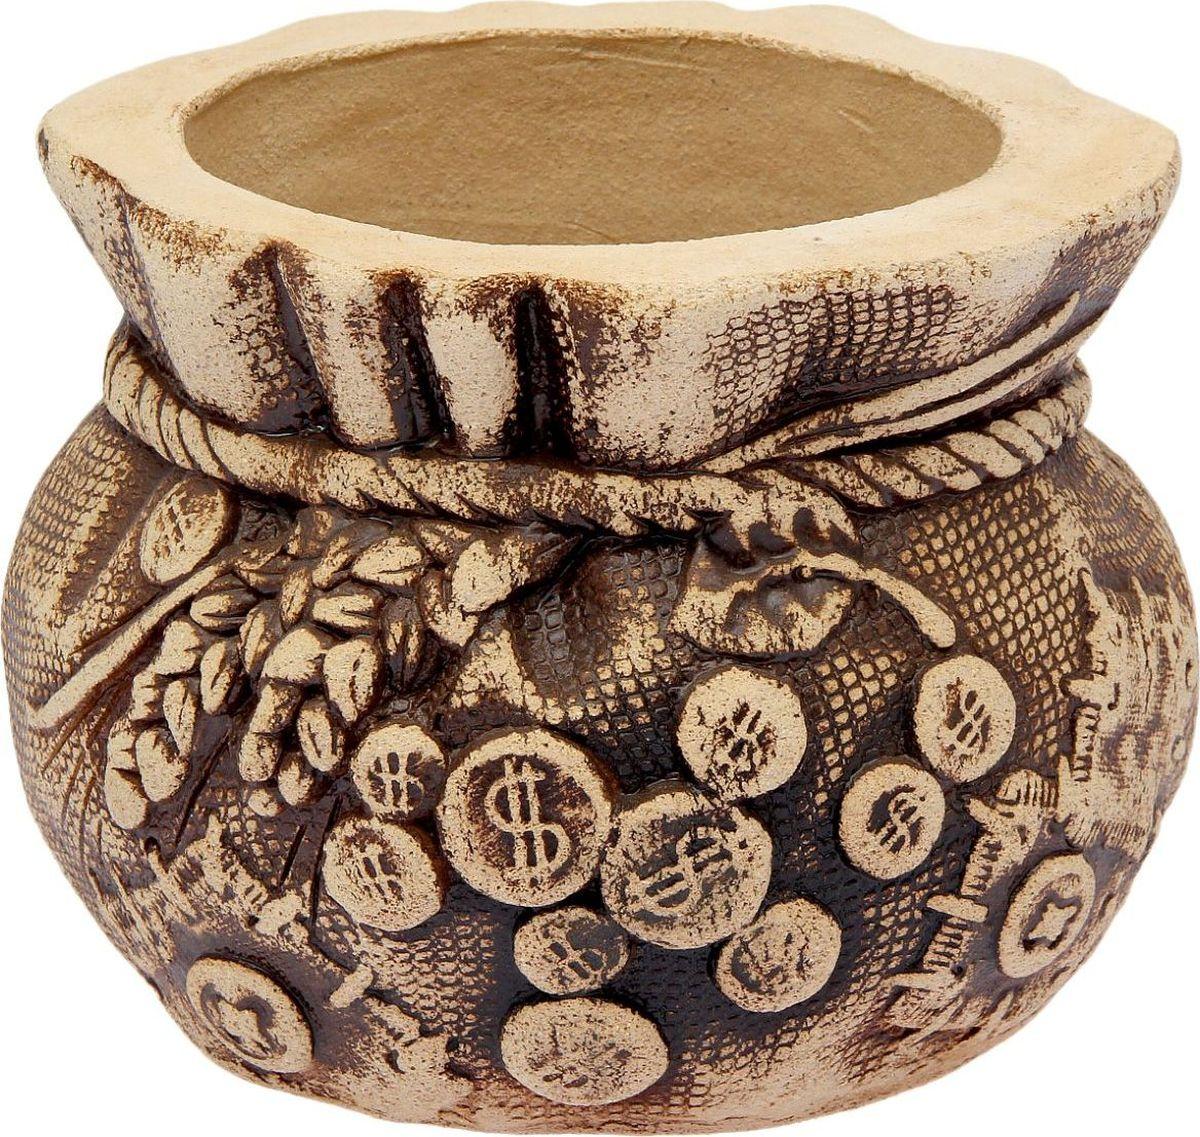 Горшок для цветов Керамика ручной работы Денежный мешок, 5 л1998798Горшок для цветов Керамика ручной работы Денежный мешок - настоящая находка для садоводов. Это замечательное изделие, словно претерпевшее влияние времени, станет изысканной деталью вашего участка.Фигура выполнена исключительно из шамотной глины, которая делает ее абсолютно нетоксичной, устойчивой к воздействию окружающей среды (морозостойкой), устойчивой к изменению цвета и структуры (не шелушится и не облезает). При декорировании используются только качественные пигменты. Глина обжигается в два этапа: утилитный (900°С) с последующим декорированием и политой (1100°С). Такая технология придает изделию необходимую крепость. Размер: 34 ? 26 ? 19 см.